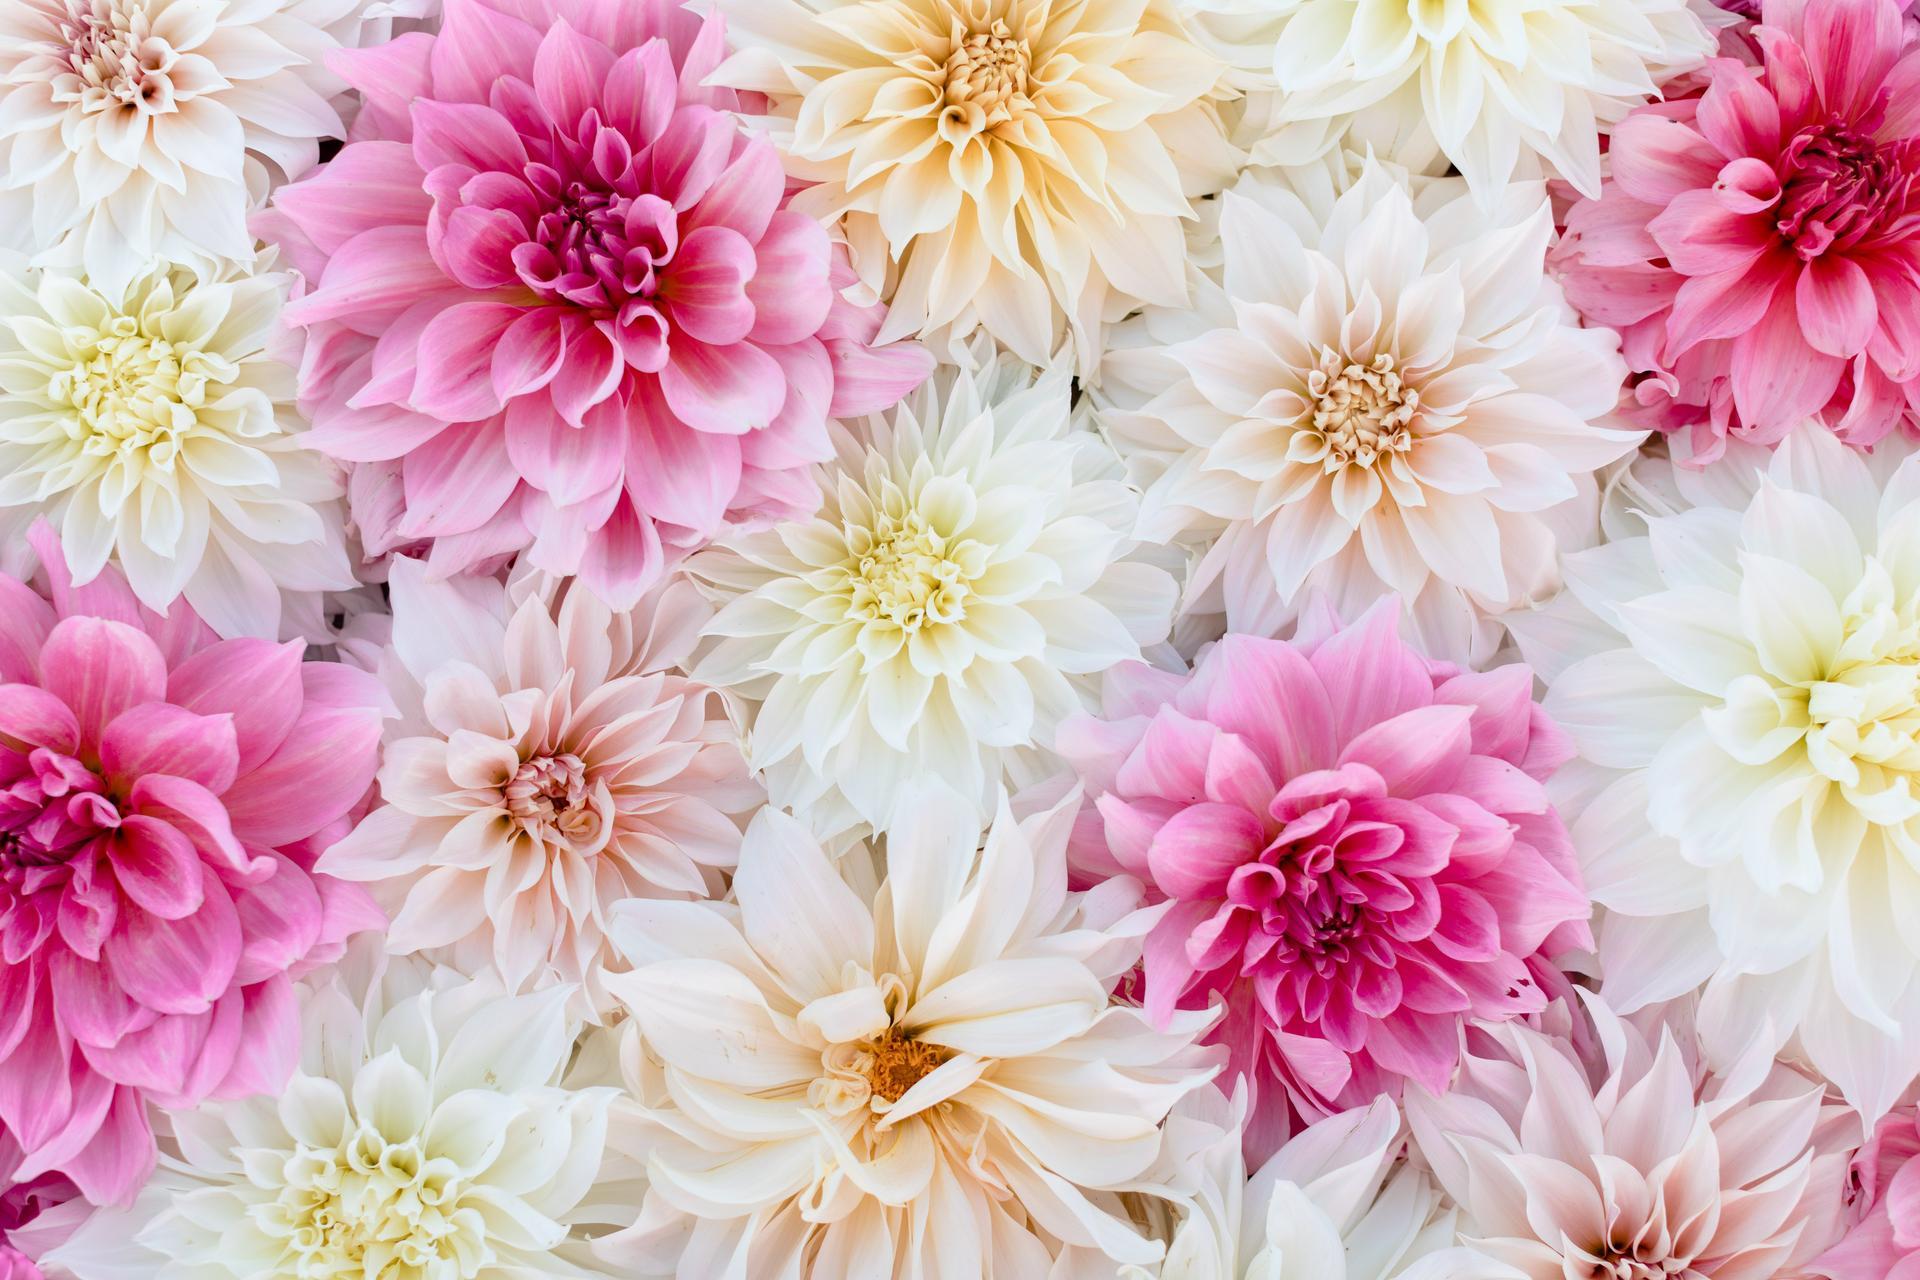 Kvetove dekoracie - Obrázok č. 16